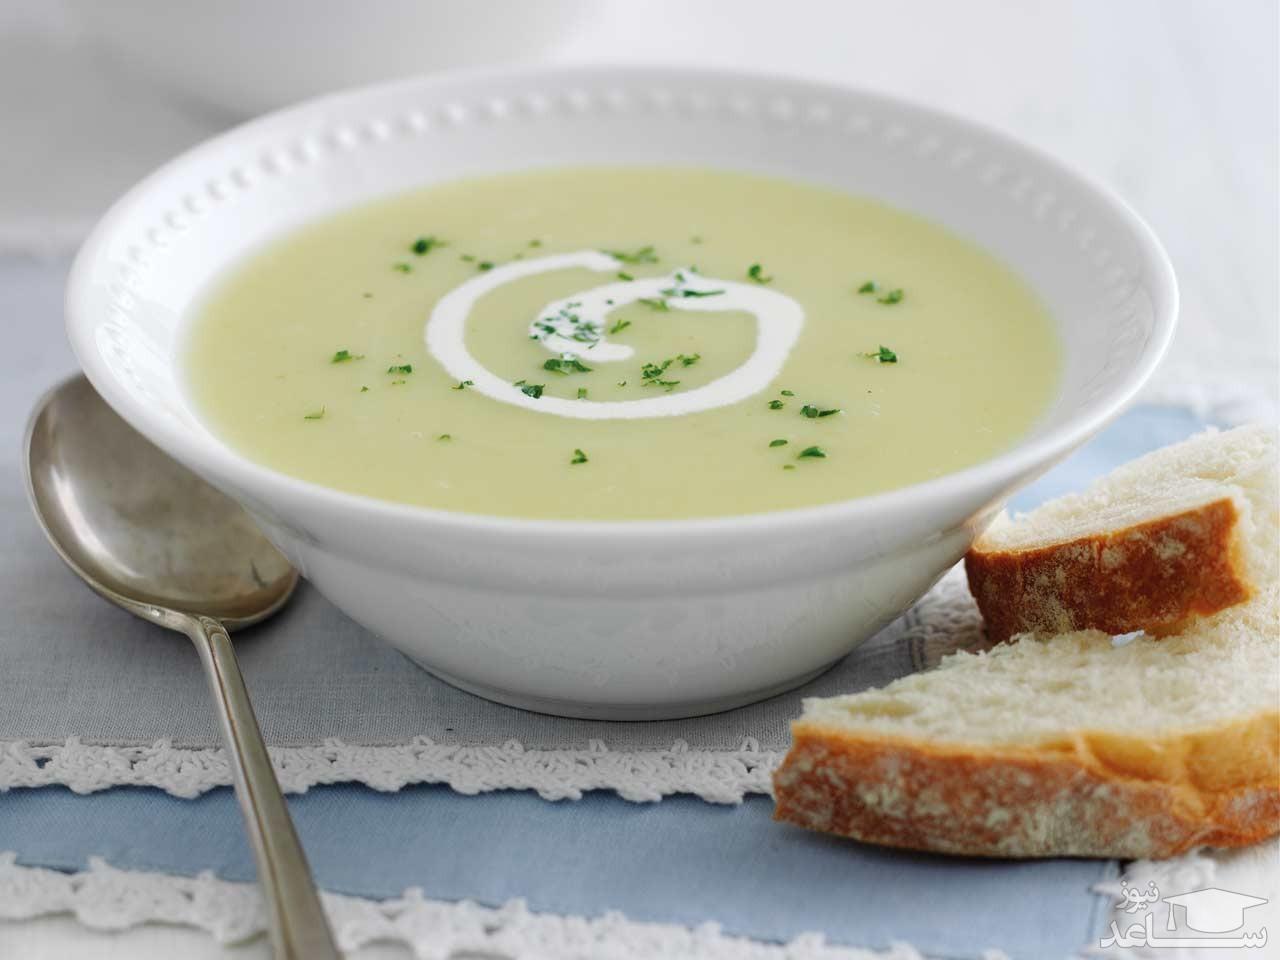 طرز تهیه سوپ تره فرنگی با قلم گوساله